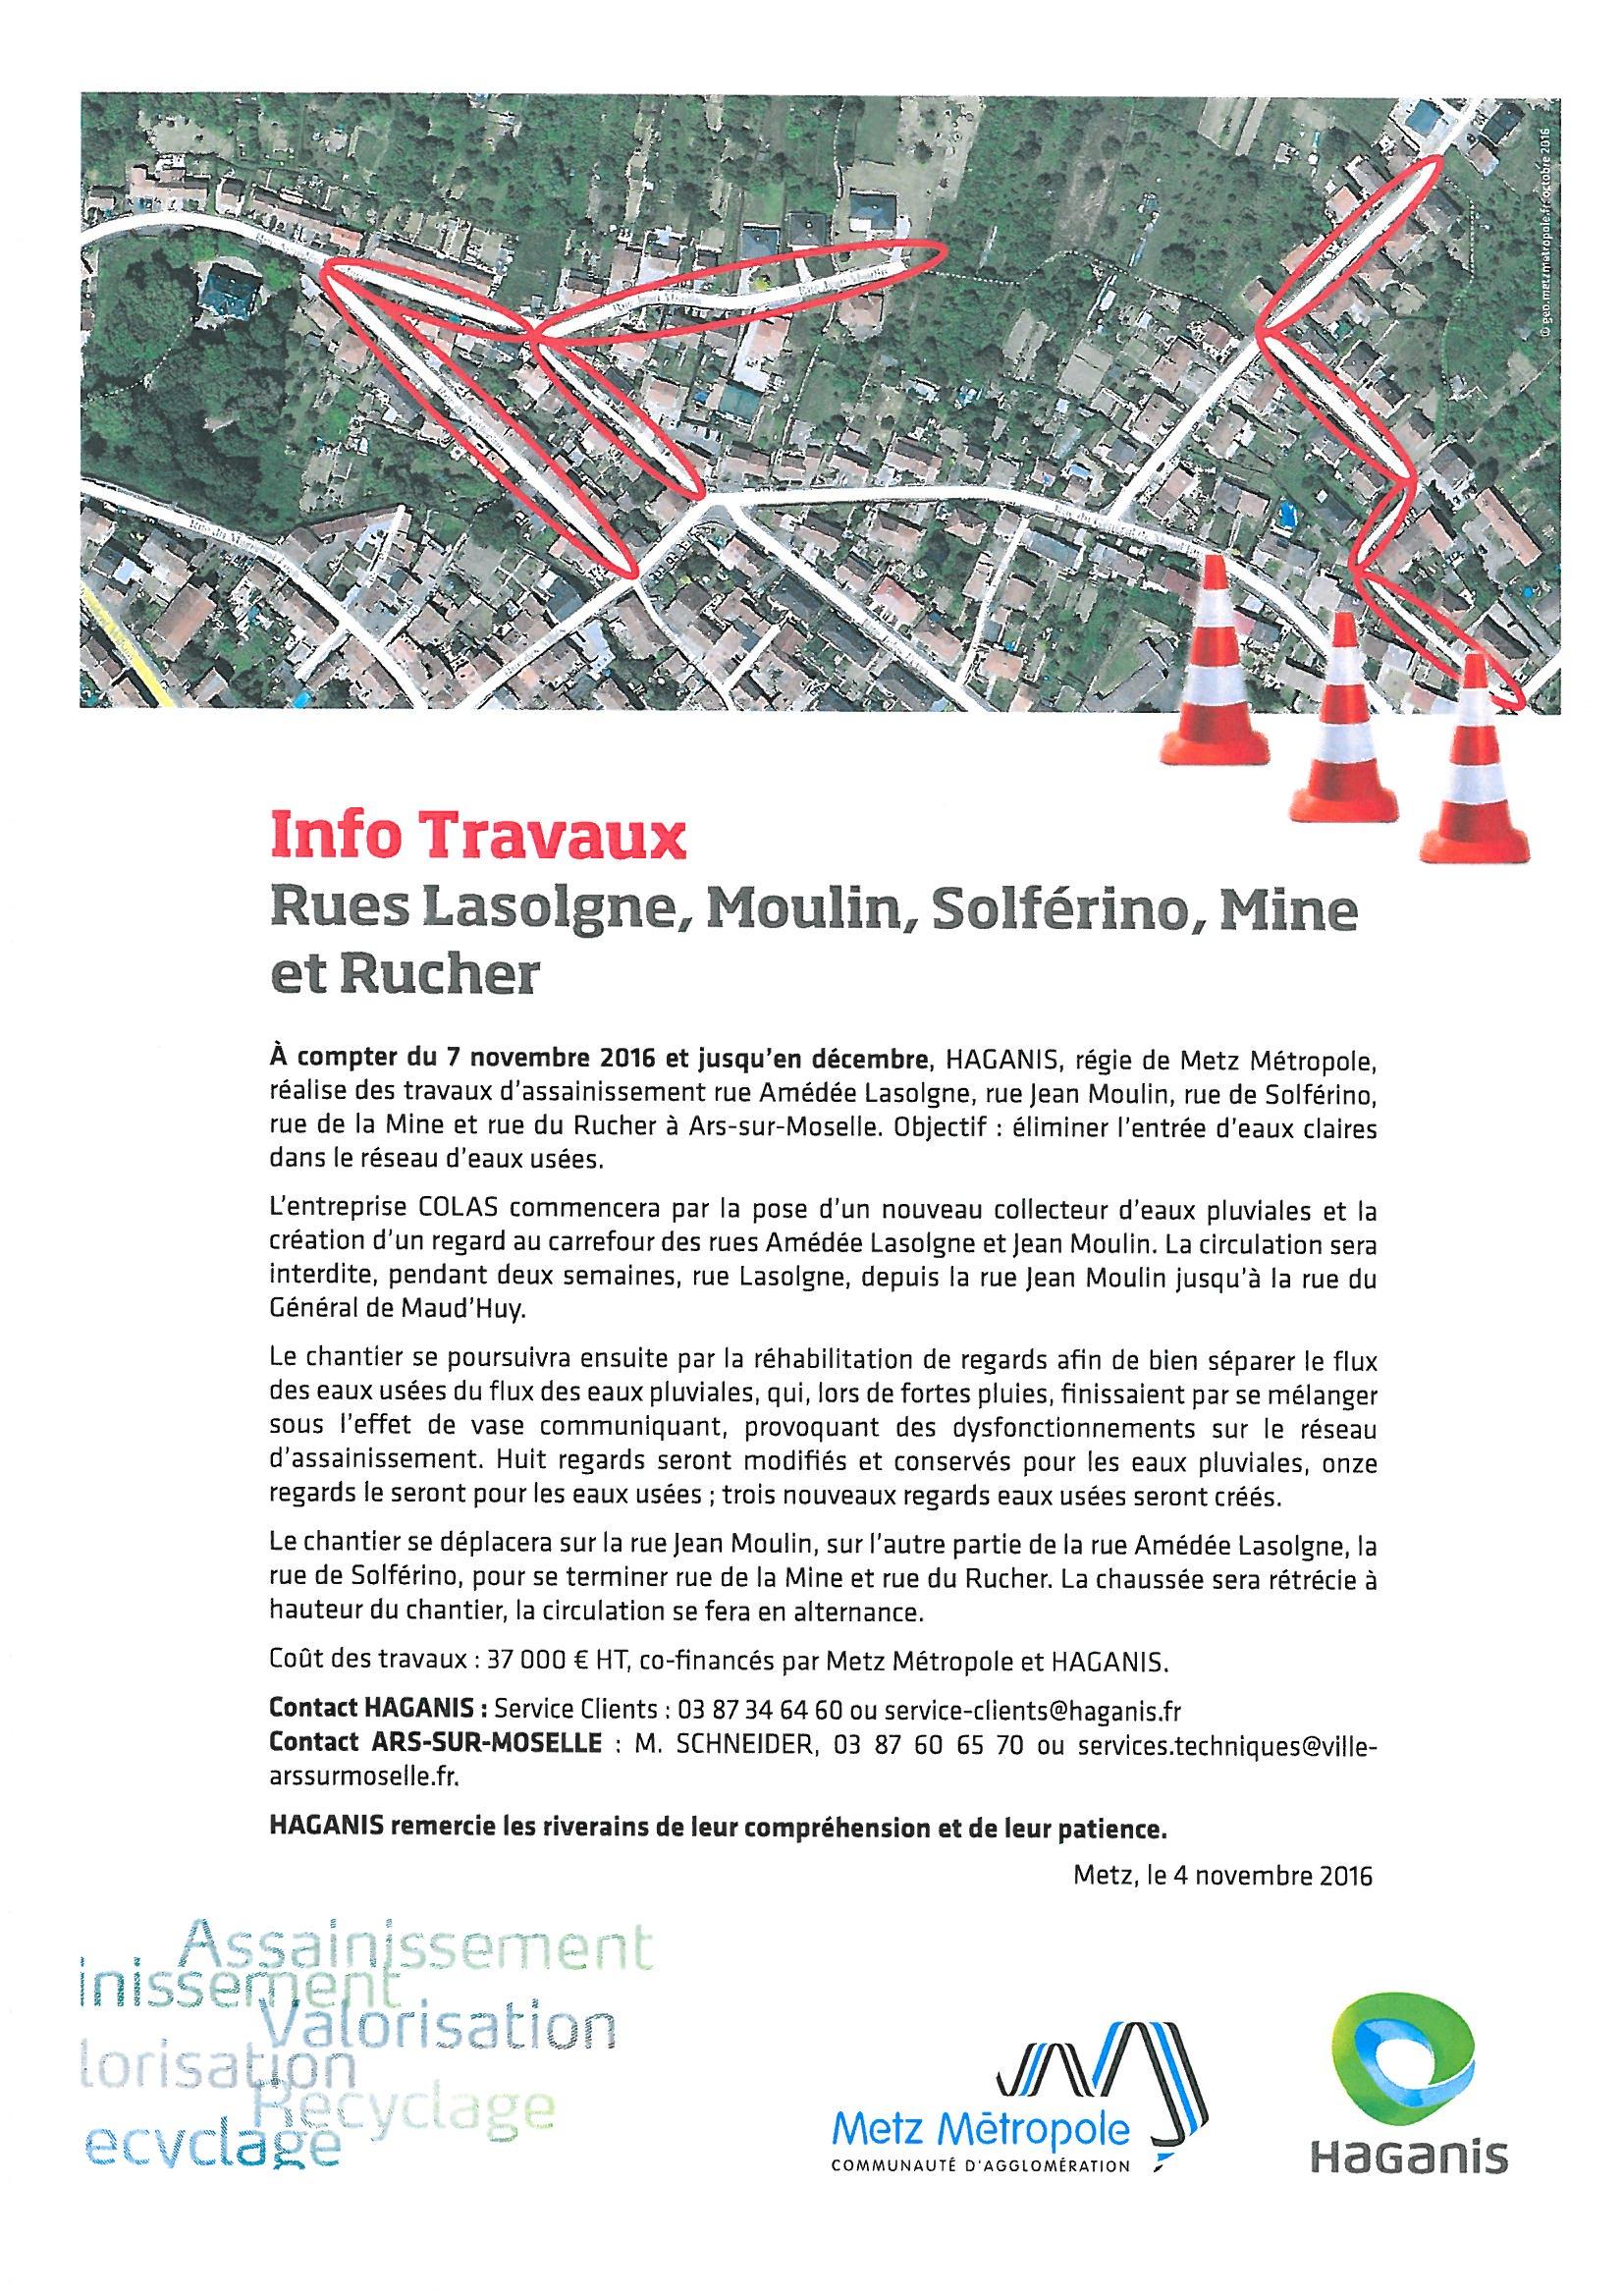 INFO TRAVAUX rues Lasolgne, Moulin, Solférino, Mine et Rucher du 7 nov.à déc.